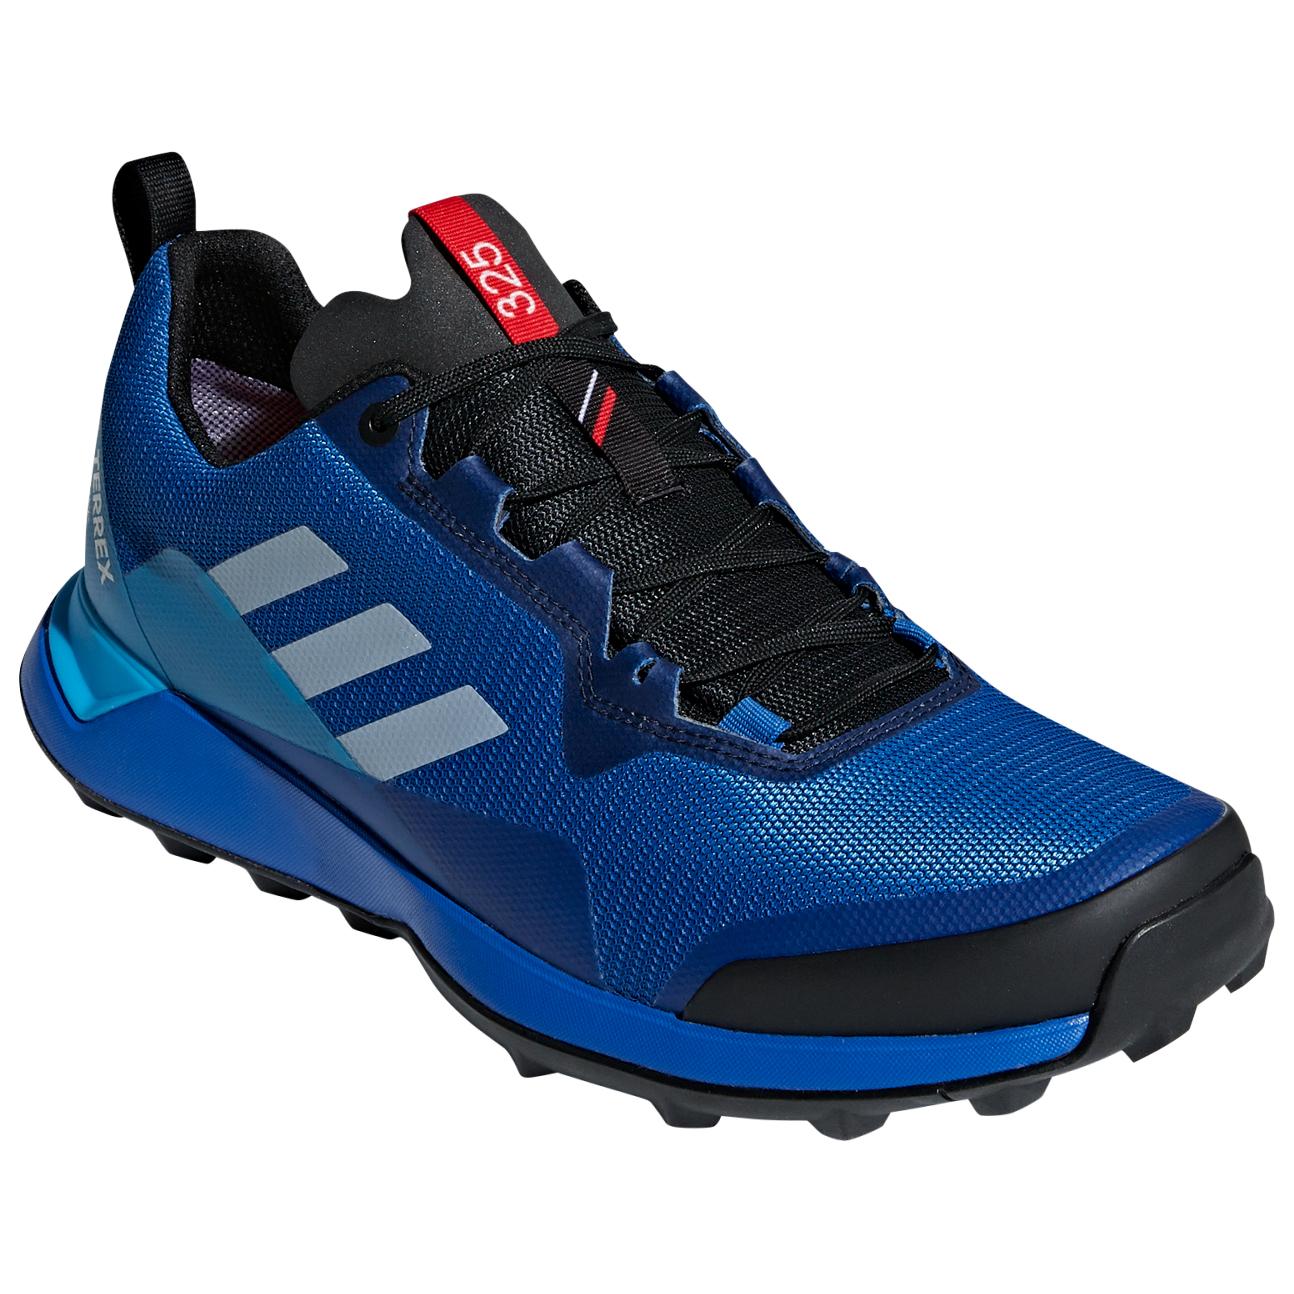 bd1bc944b40 Adidas Terrex CMTK GTX - Trailrunningschoenen Heren | Gratis ...